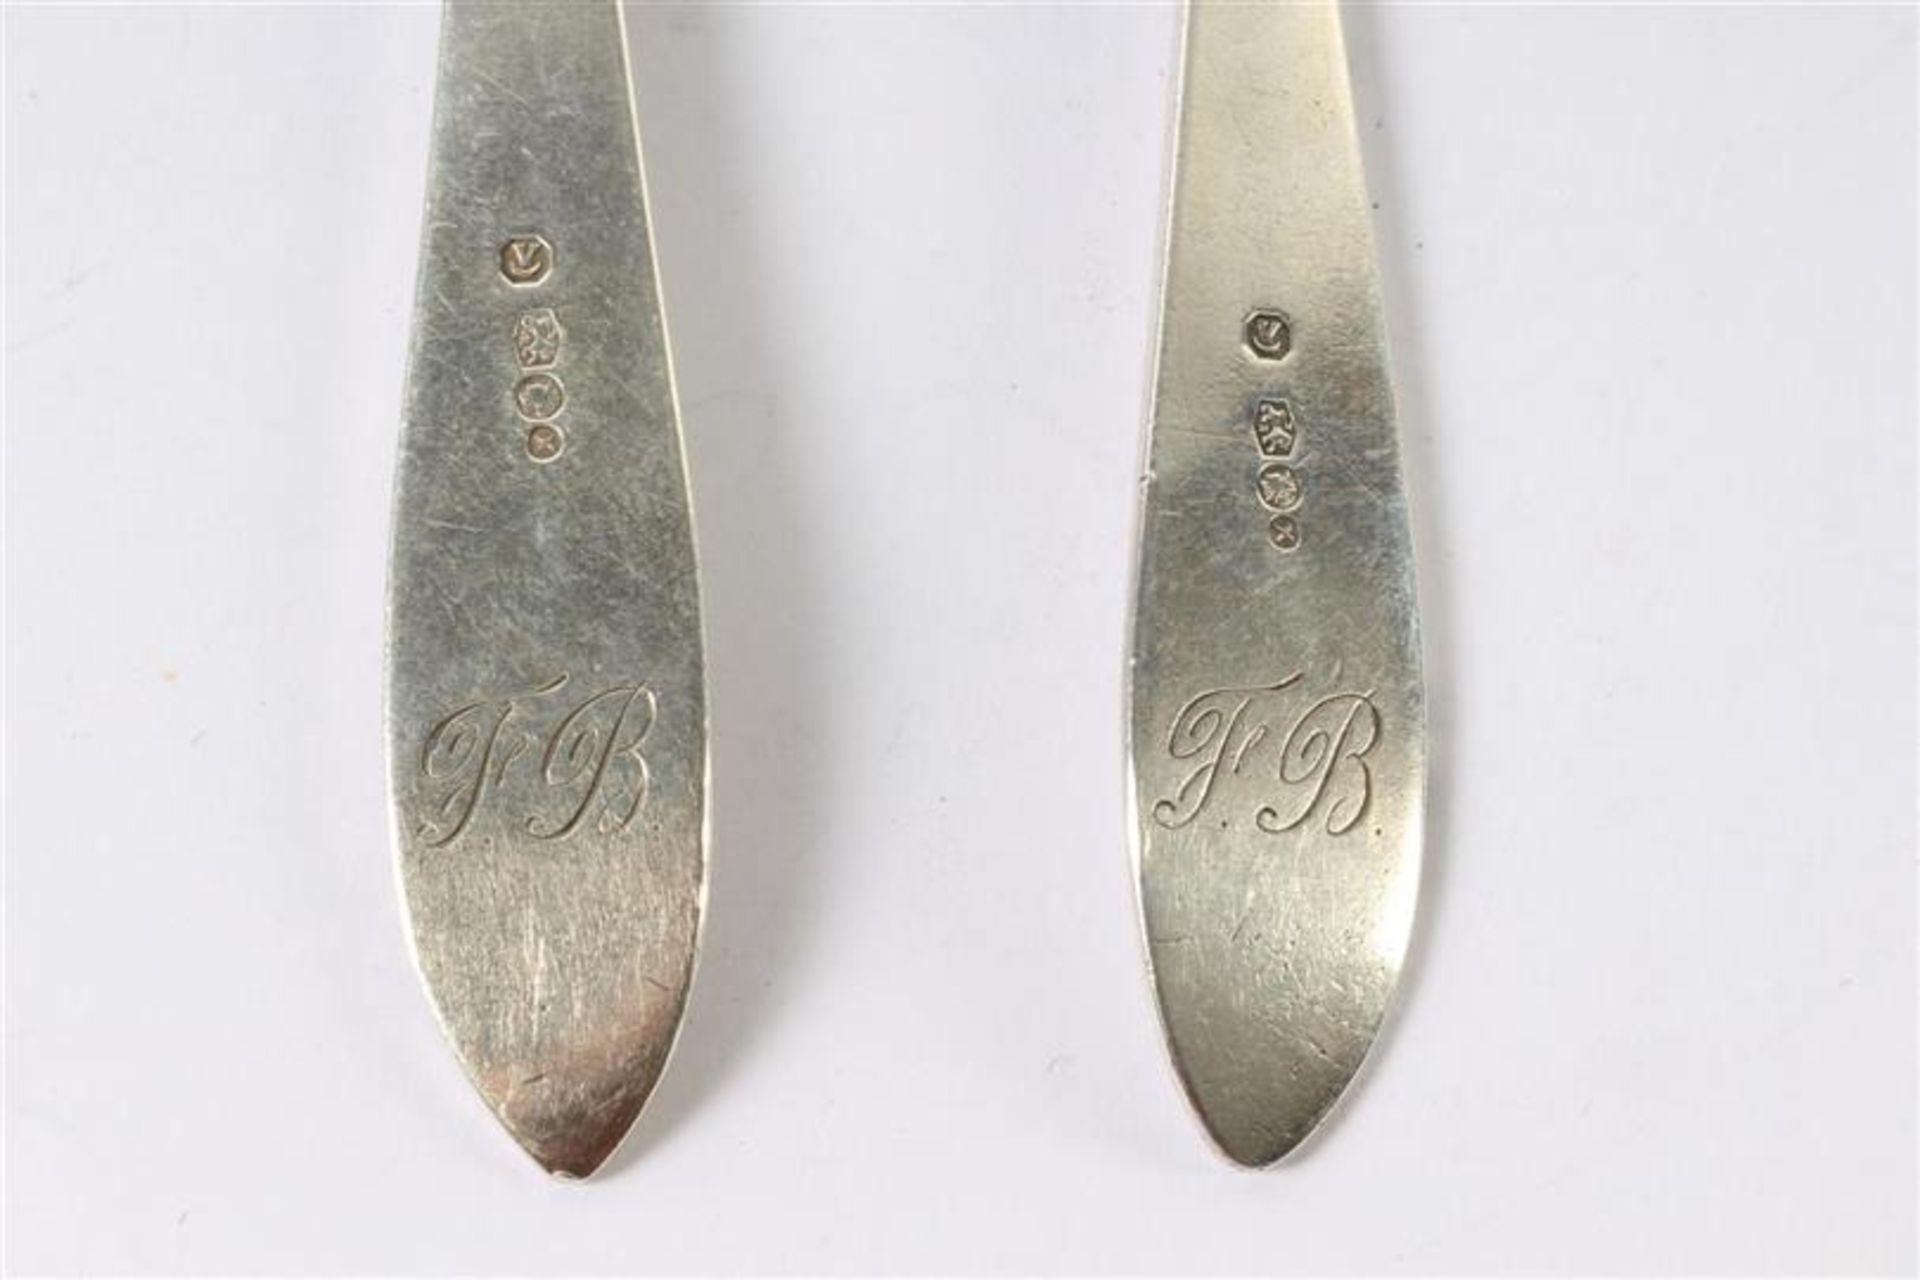 Los 60 - Zeven zilveren theelepels en een couvert, alle puntfilet. Gewicht: 150 g.